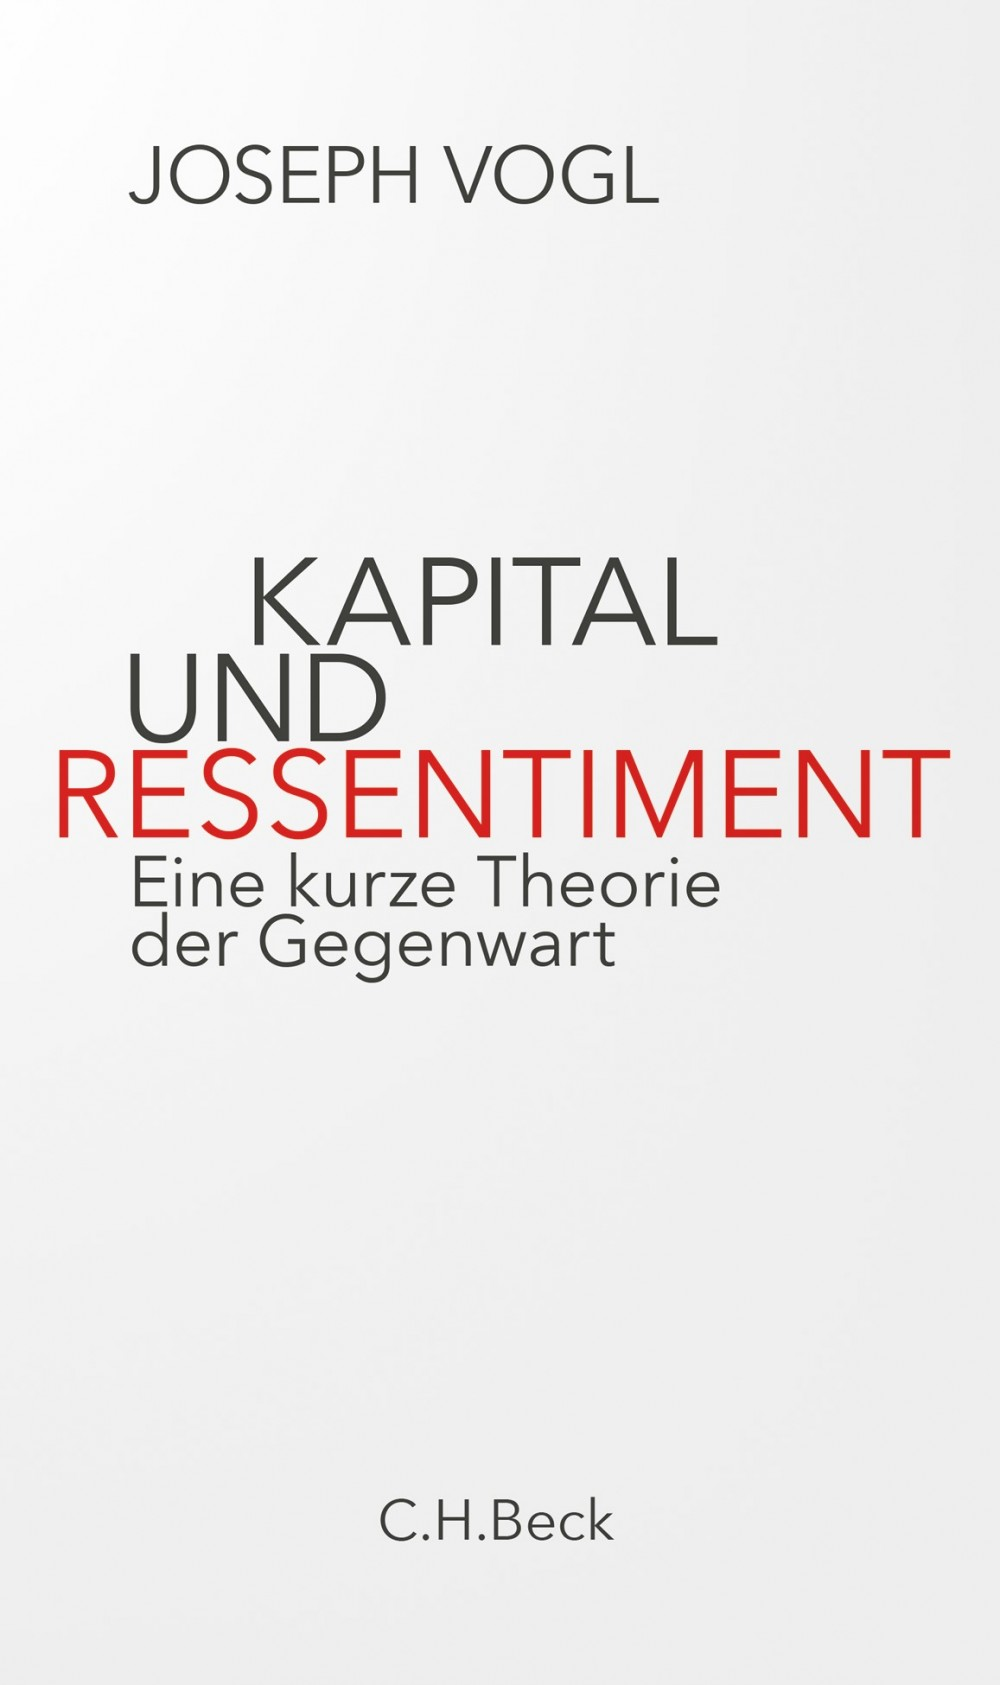 Joseph Vogl, Kapital und Ressentiment.  Eine kurze Theorie der Gegenwart.